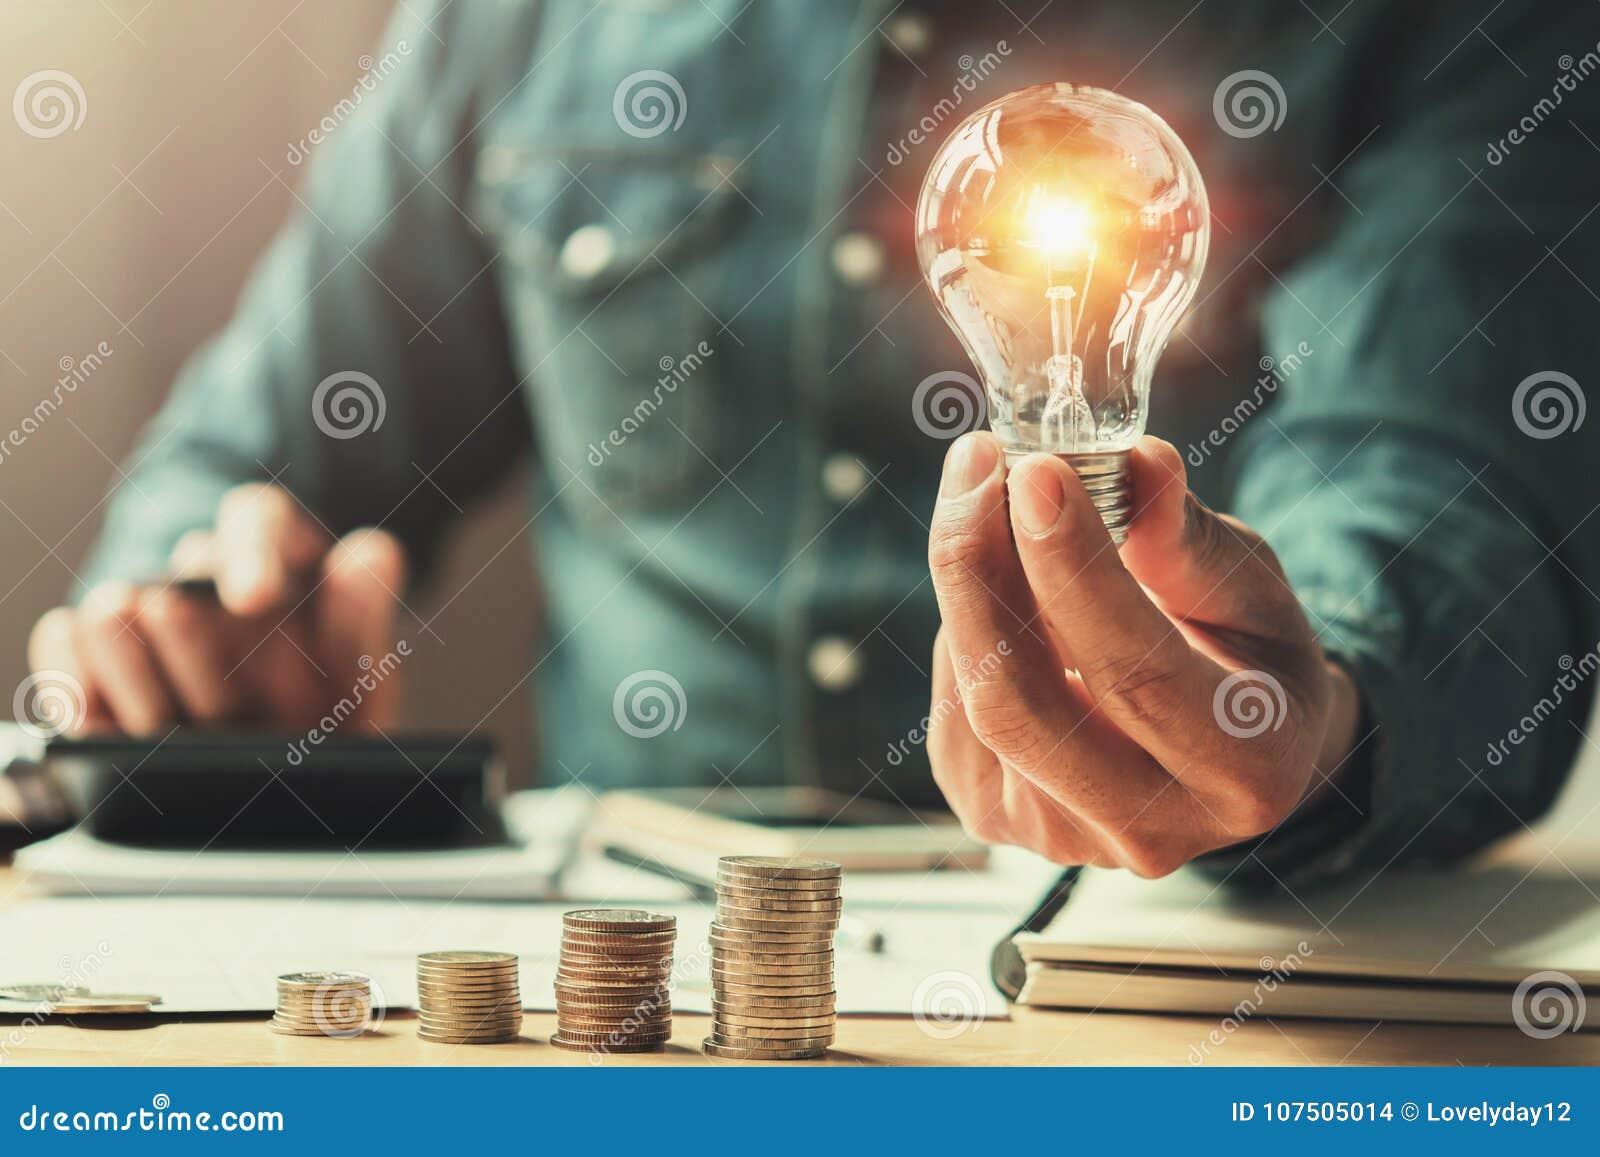 Biznesu oszczędzania i finanse władza nowa pomysł energia słoneczna z ac